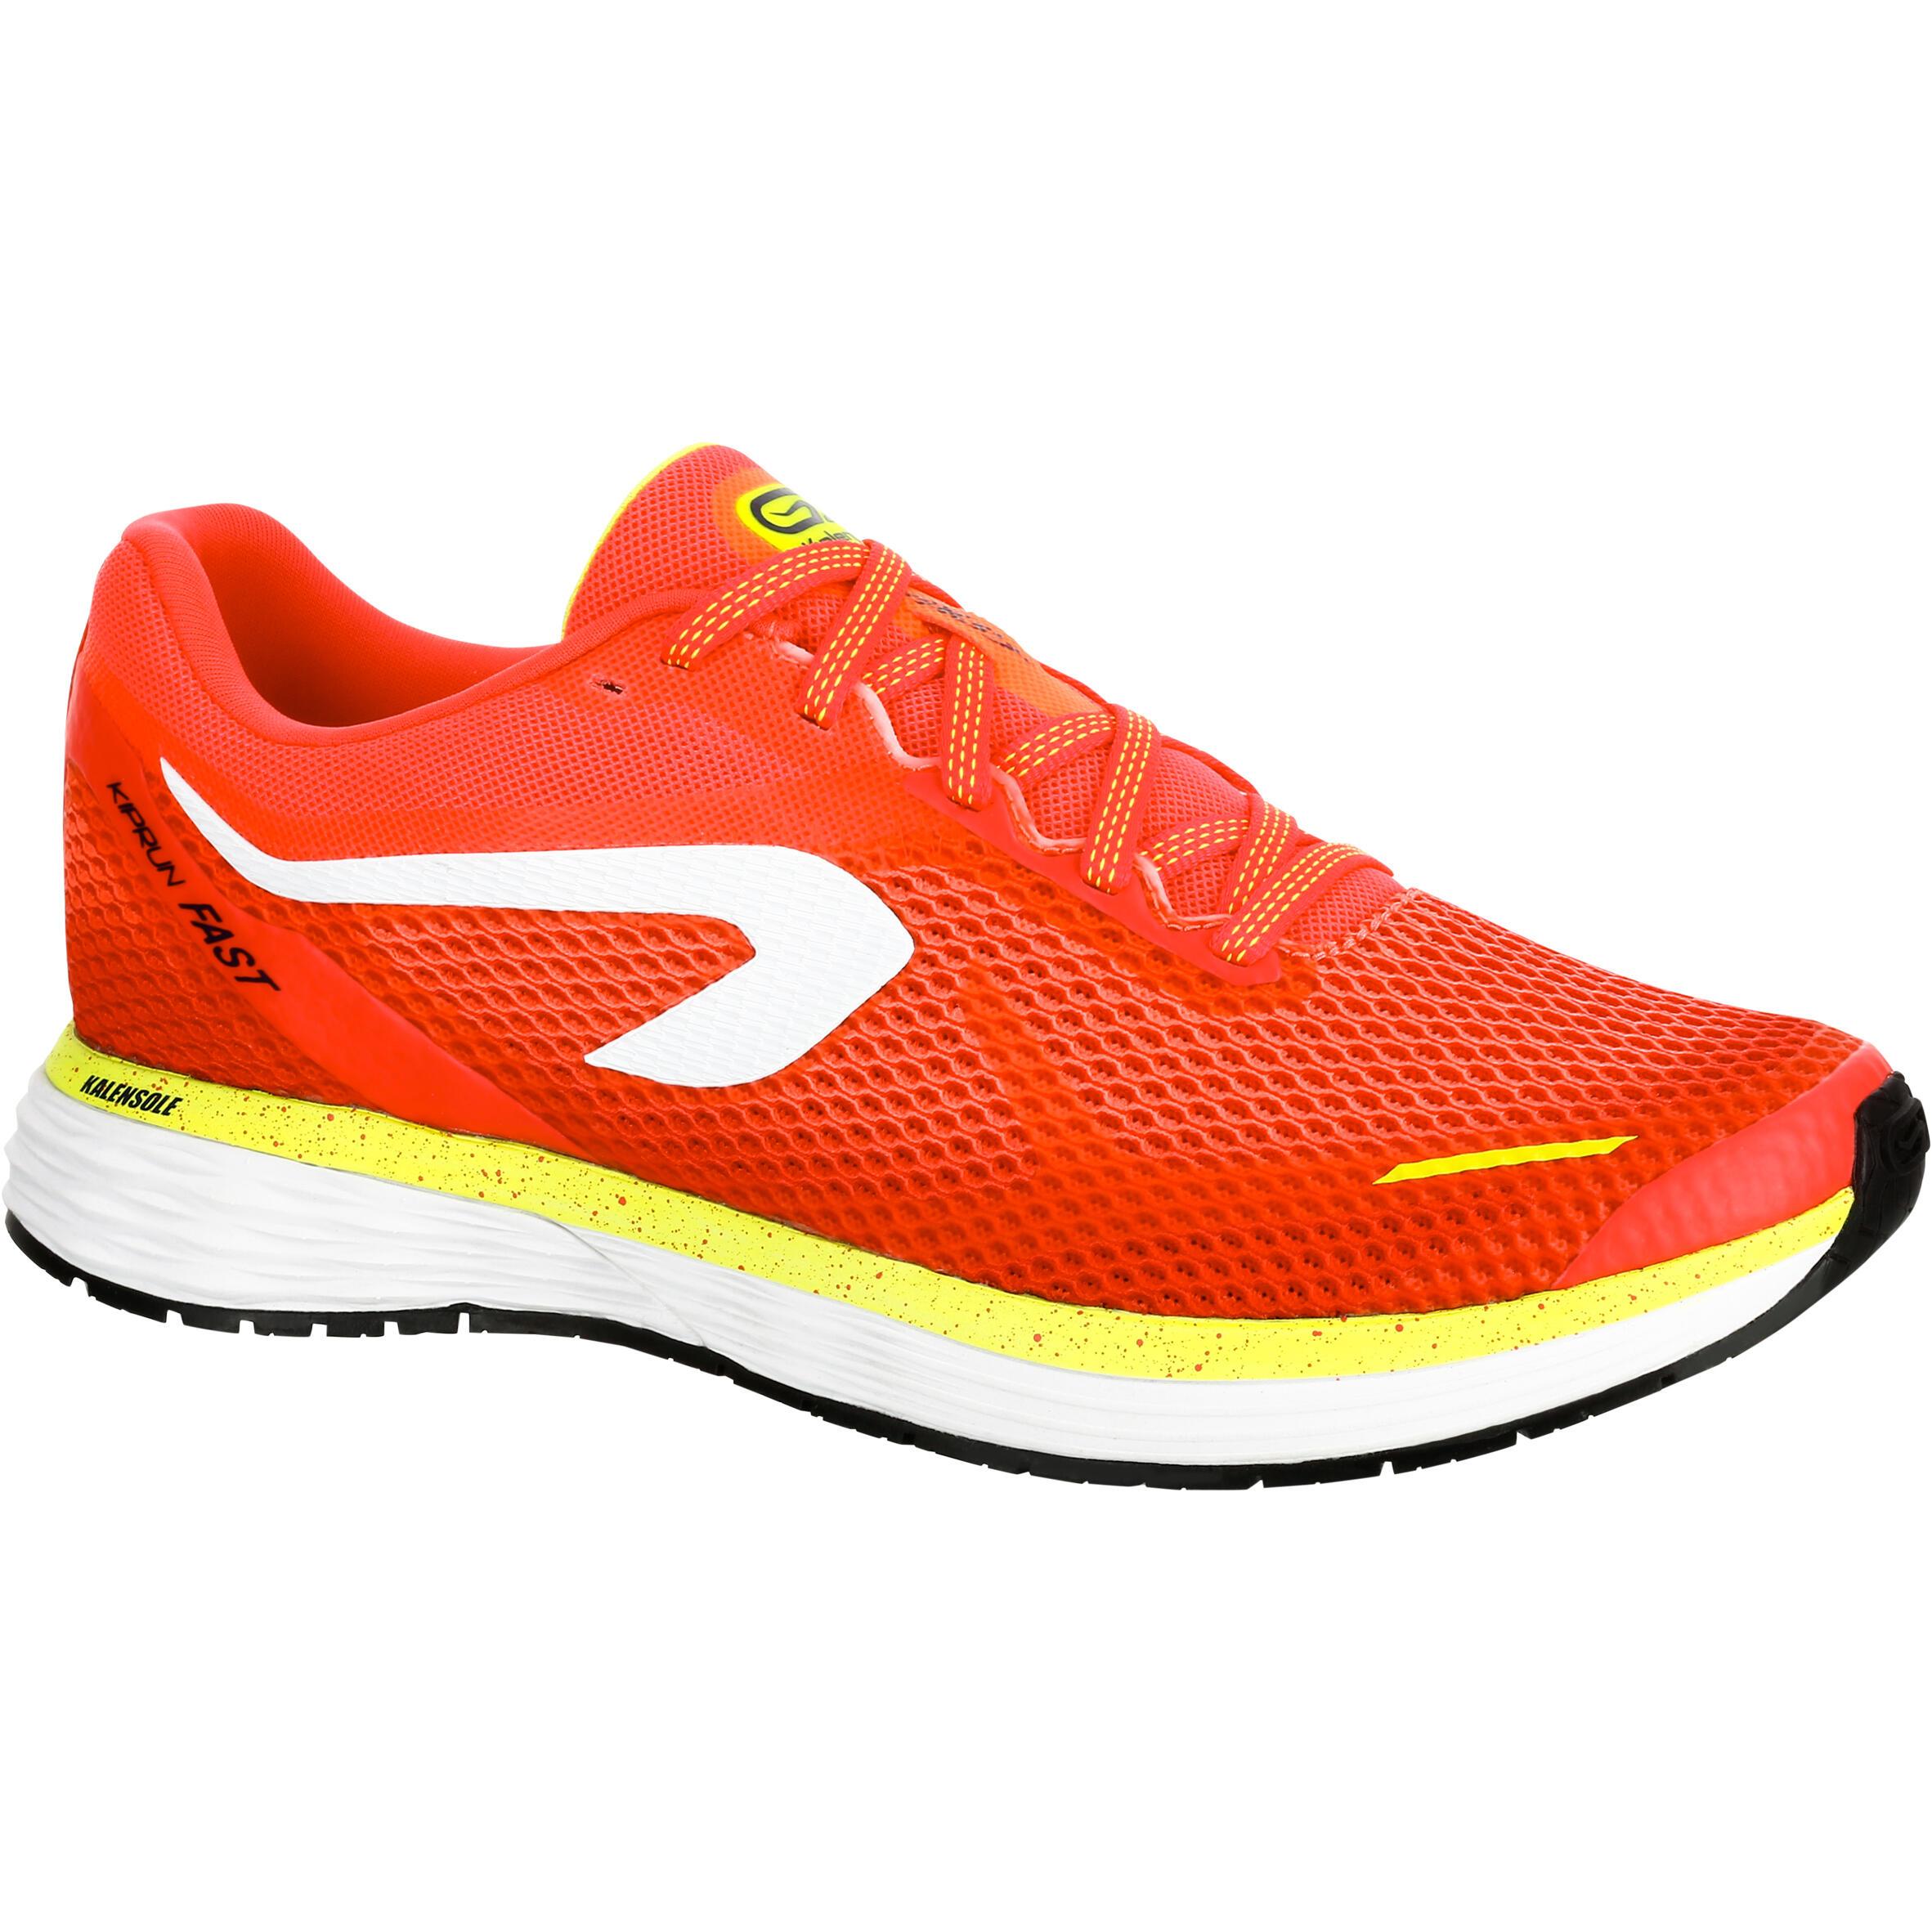 8a3032d510a Comprar Zapatillas de running para correr mujer